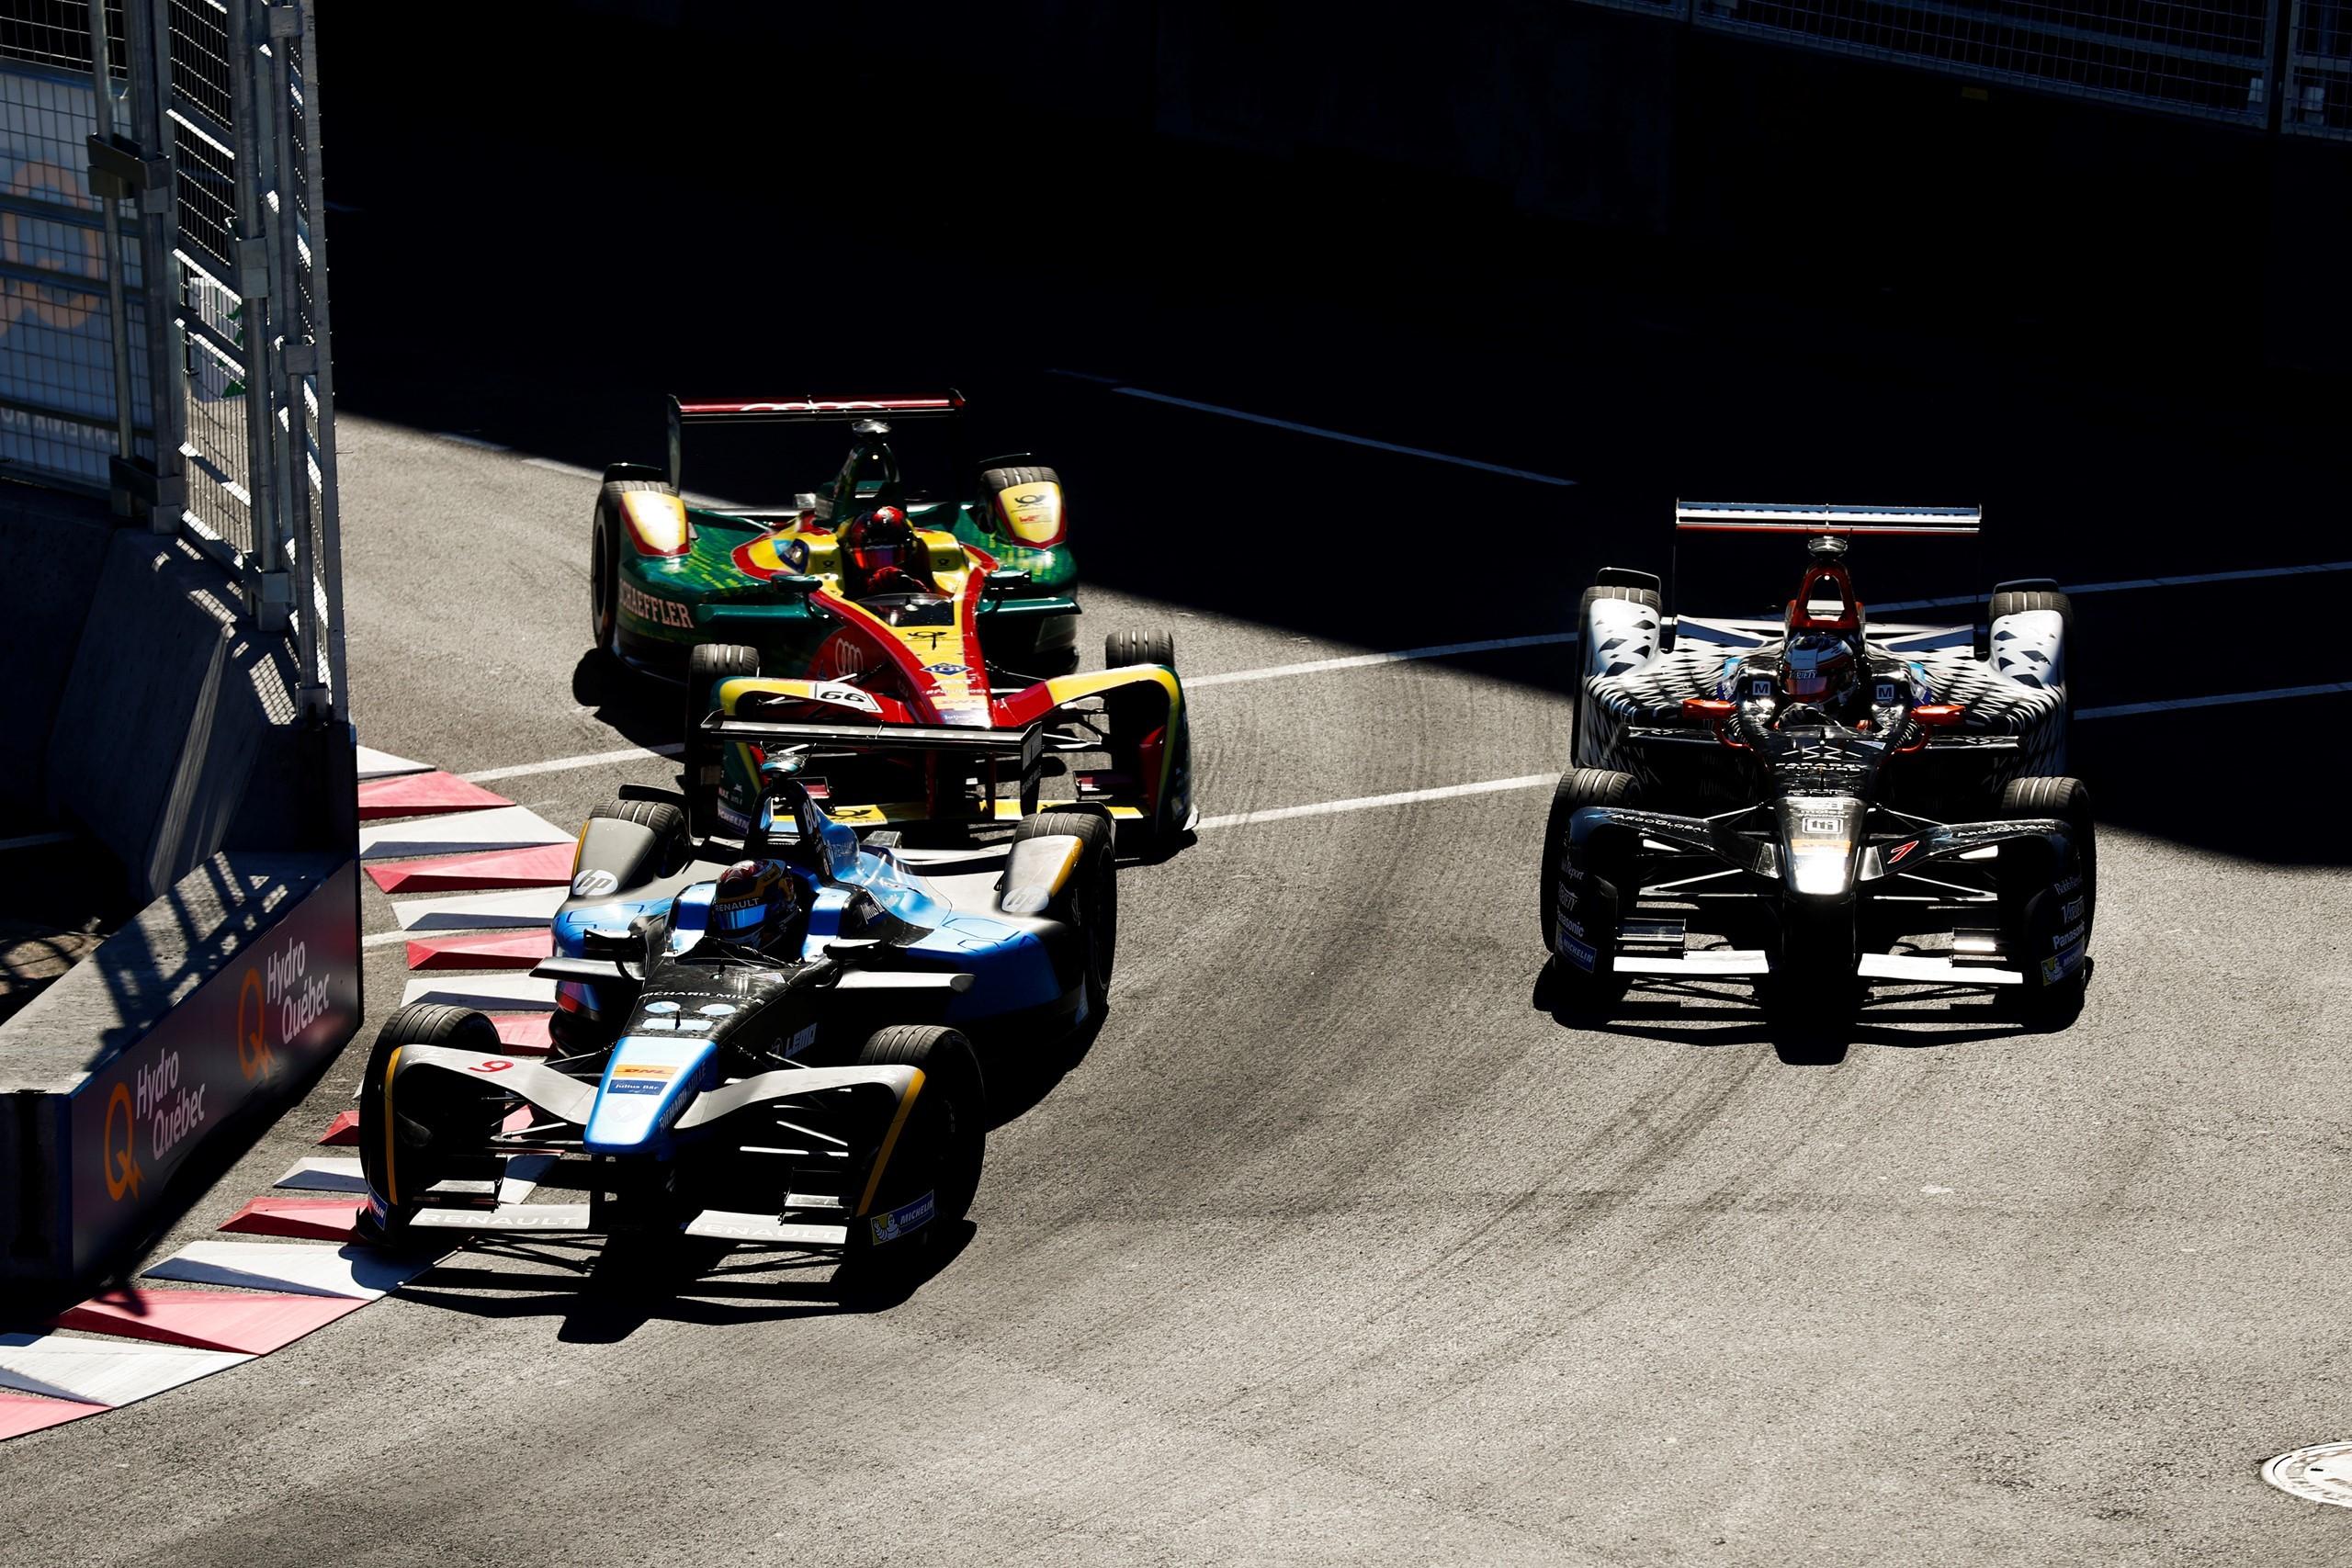 No domingo o grid foi disputado pensando no título (Foto: Divulgação)